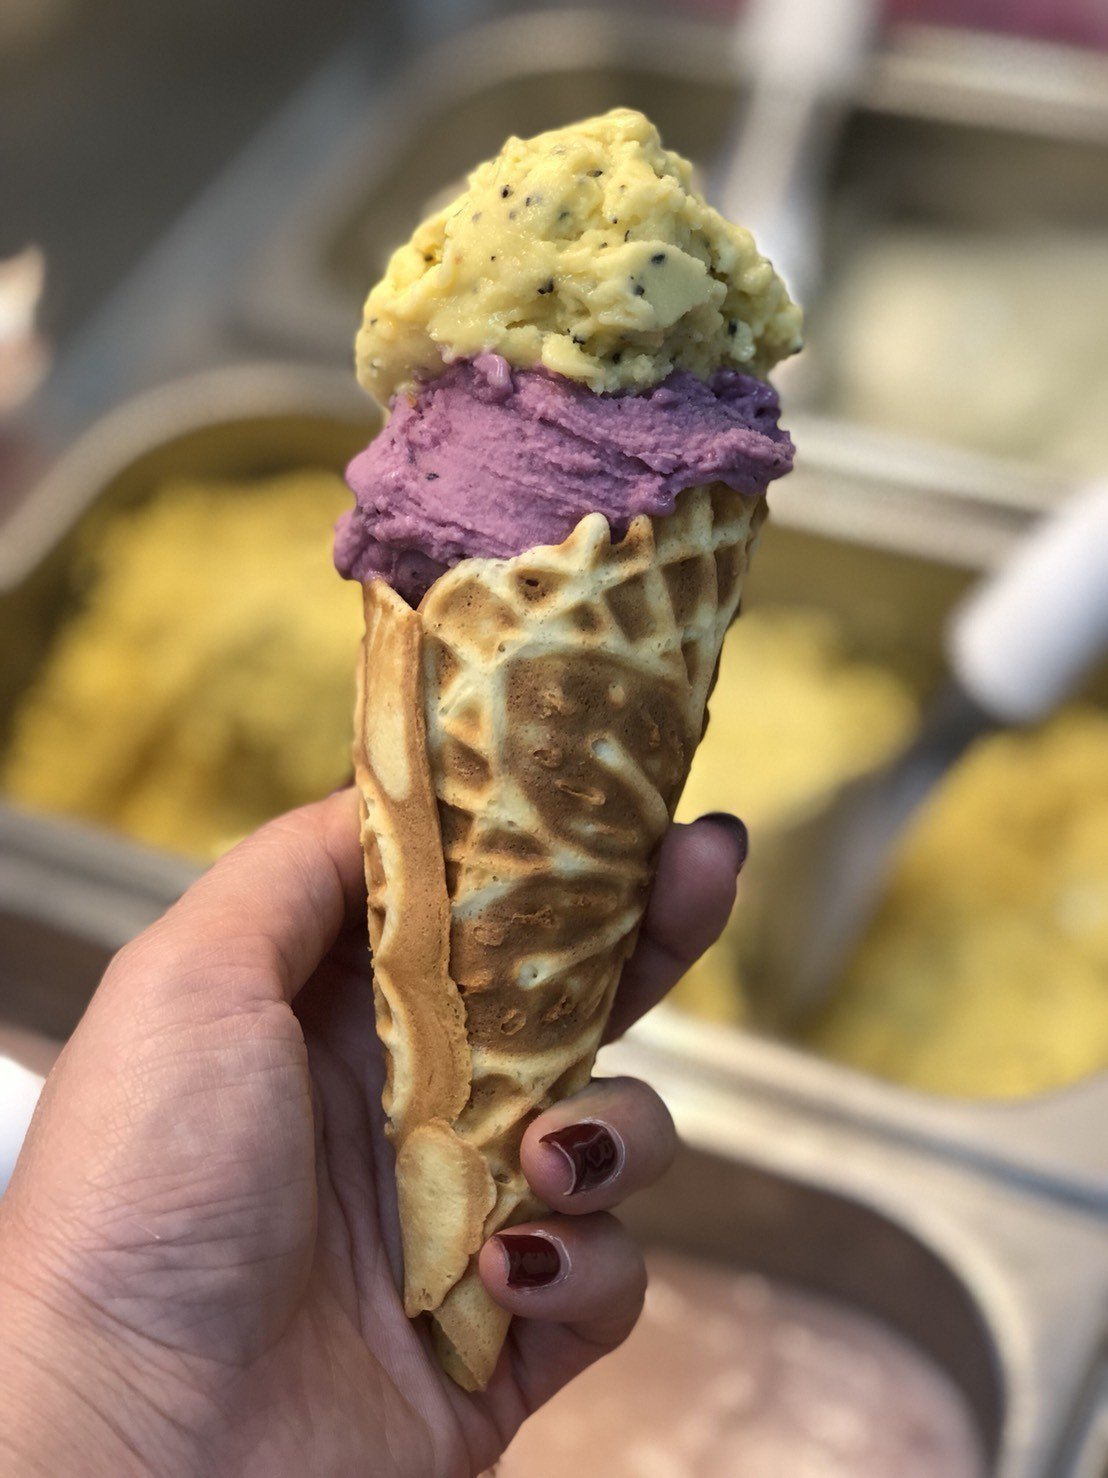 「紐登斯優格店」人氣商品是真材實料的義式冰淇淋,以原味優格、新鮮水果為主要原料,...